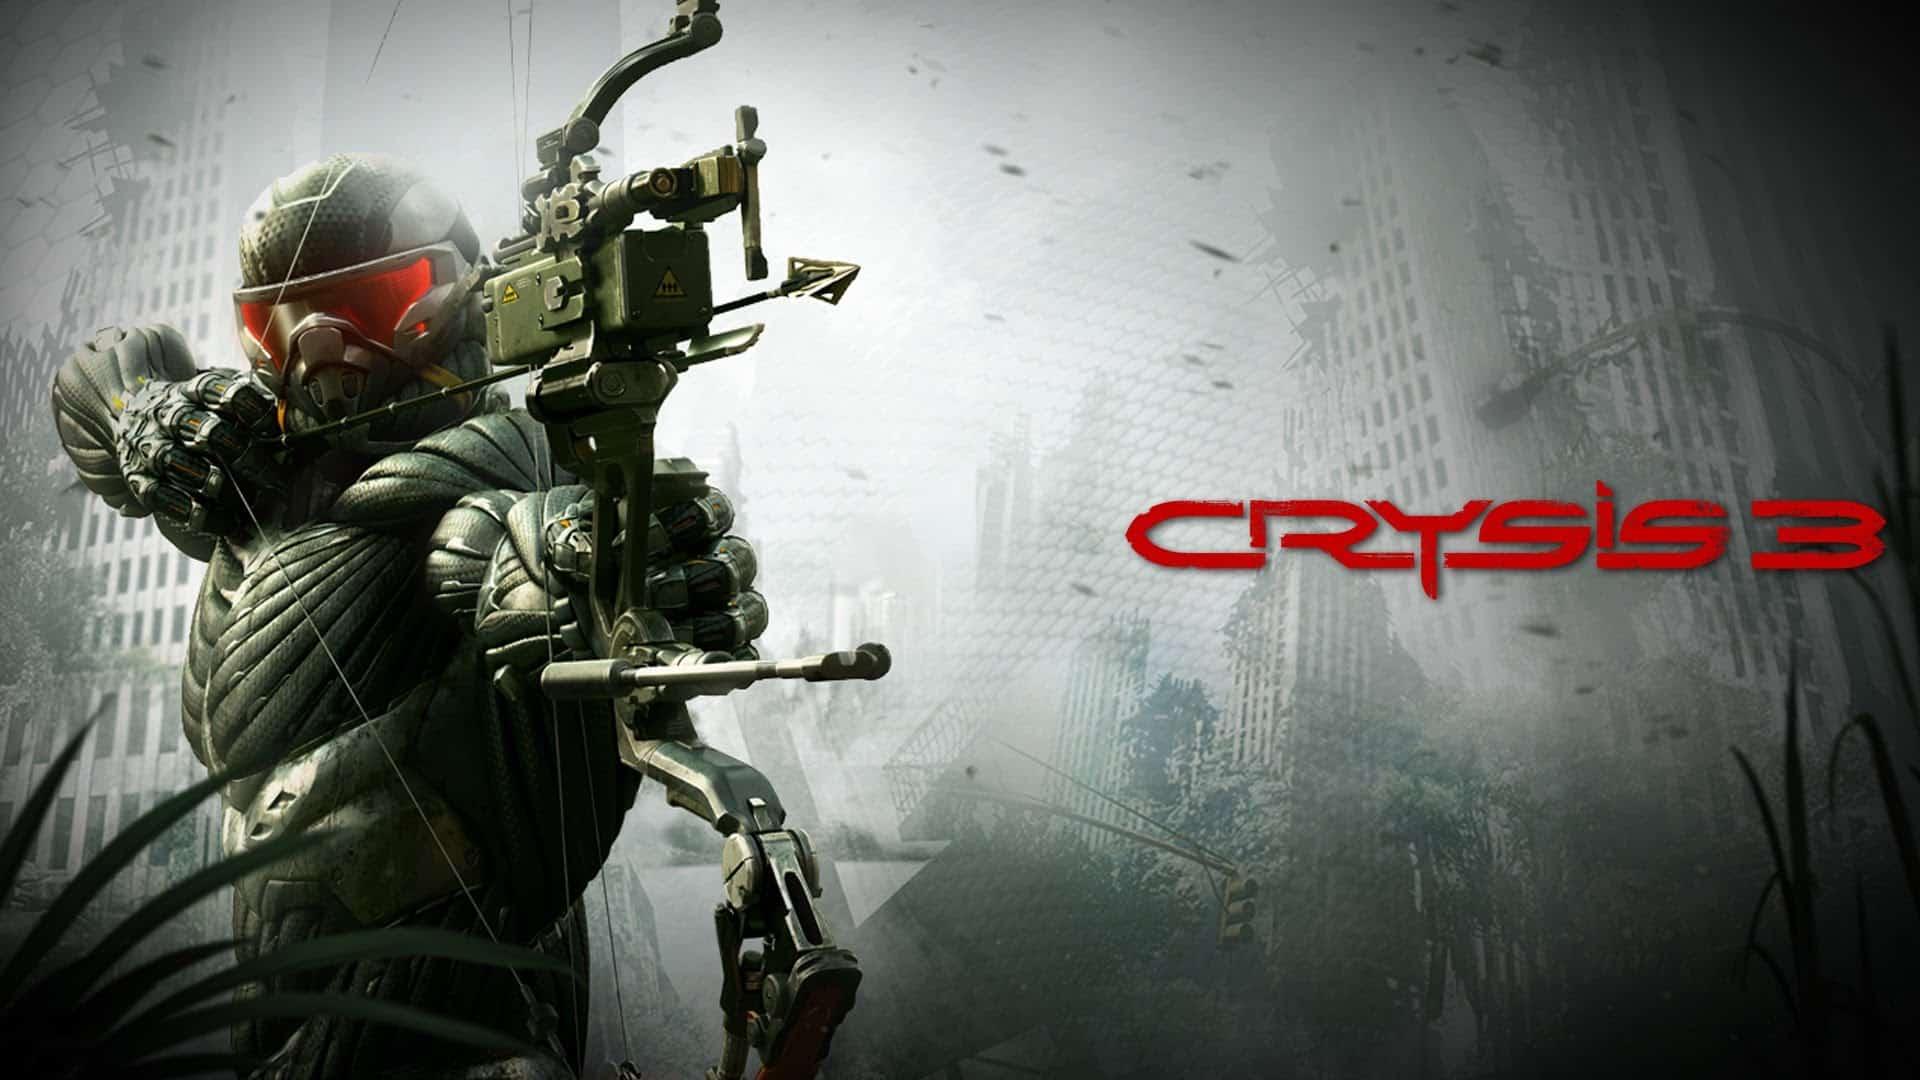 Crysis 3 telecharger gratuit de PC et Torrent